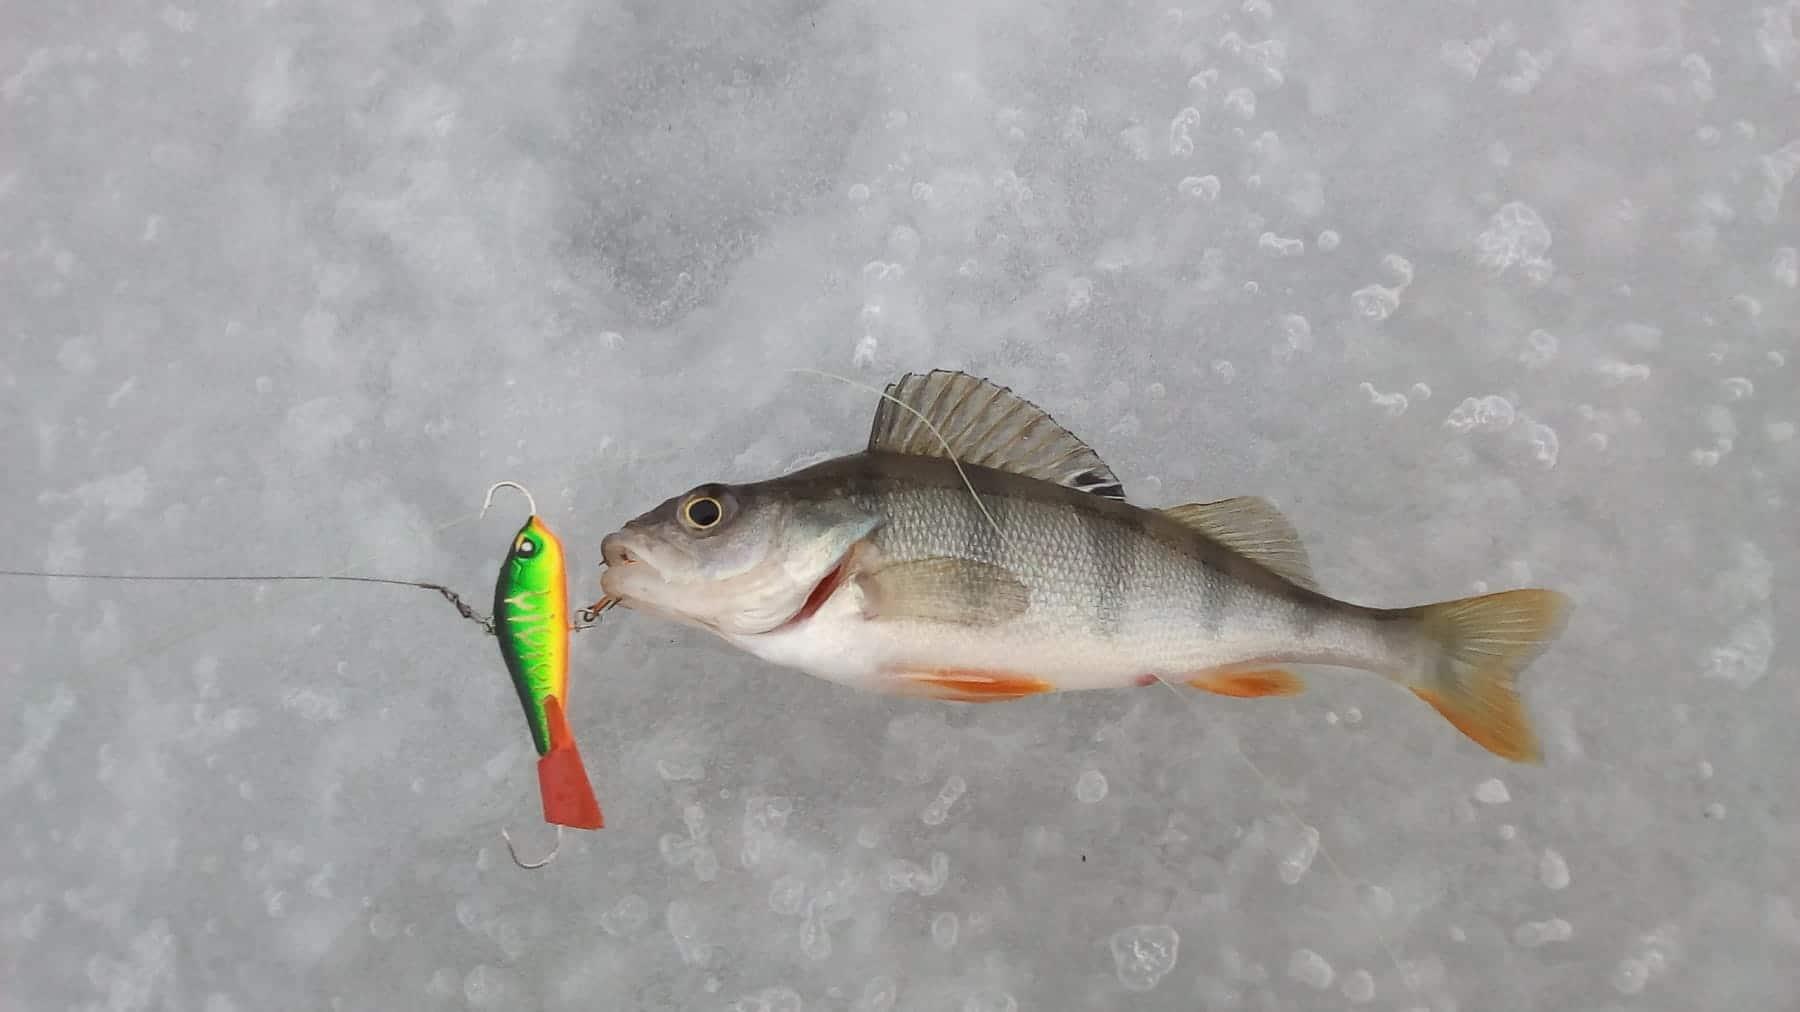 Как ловить окуня зимой — самые уловистые снасти и приманки для ловли окуня зимой — рыбалка отдых для души